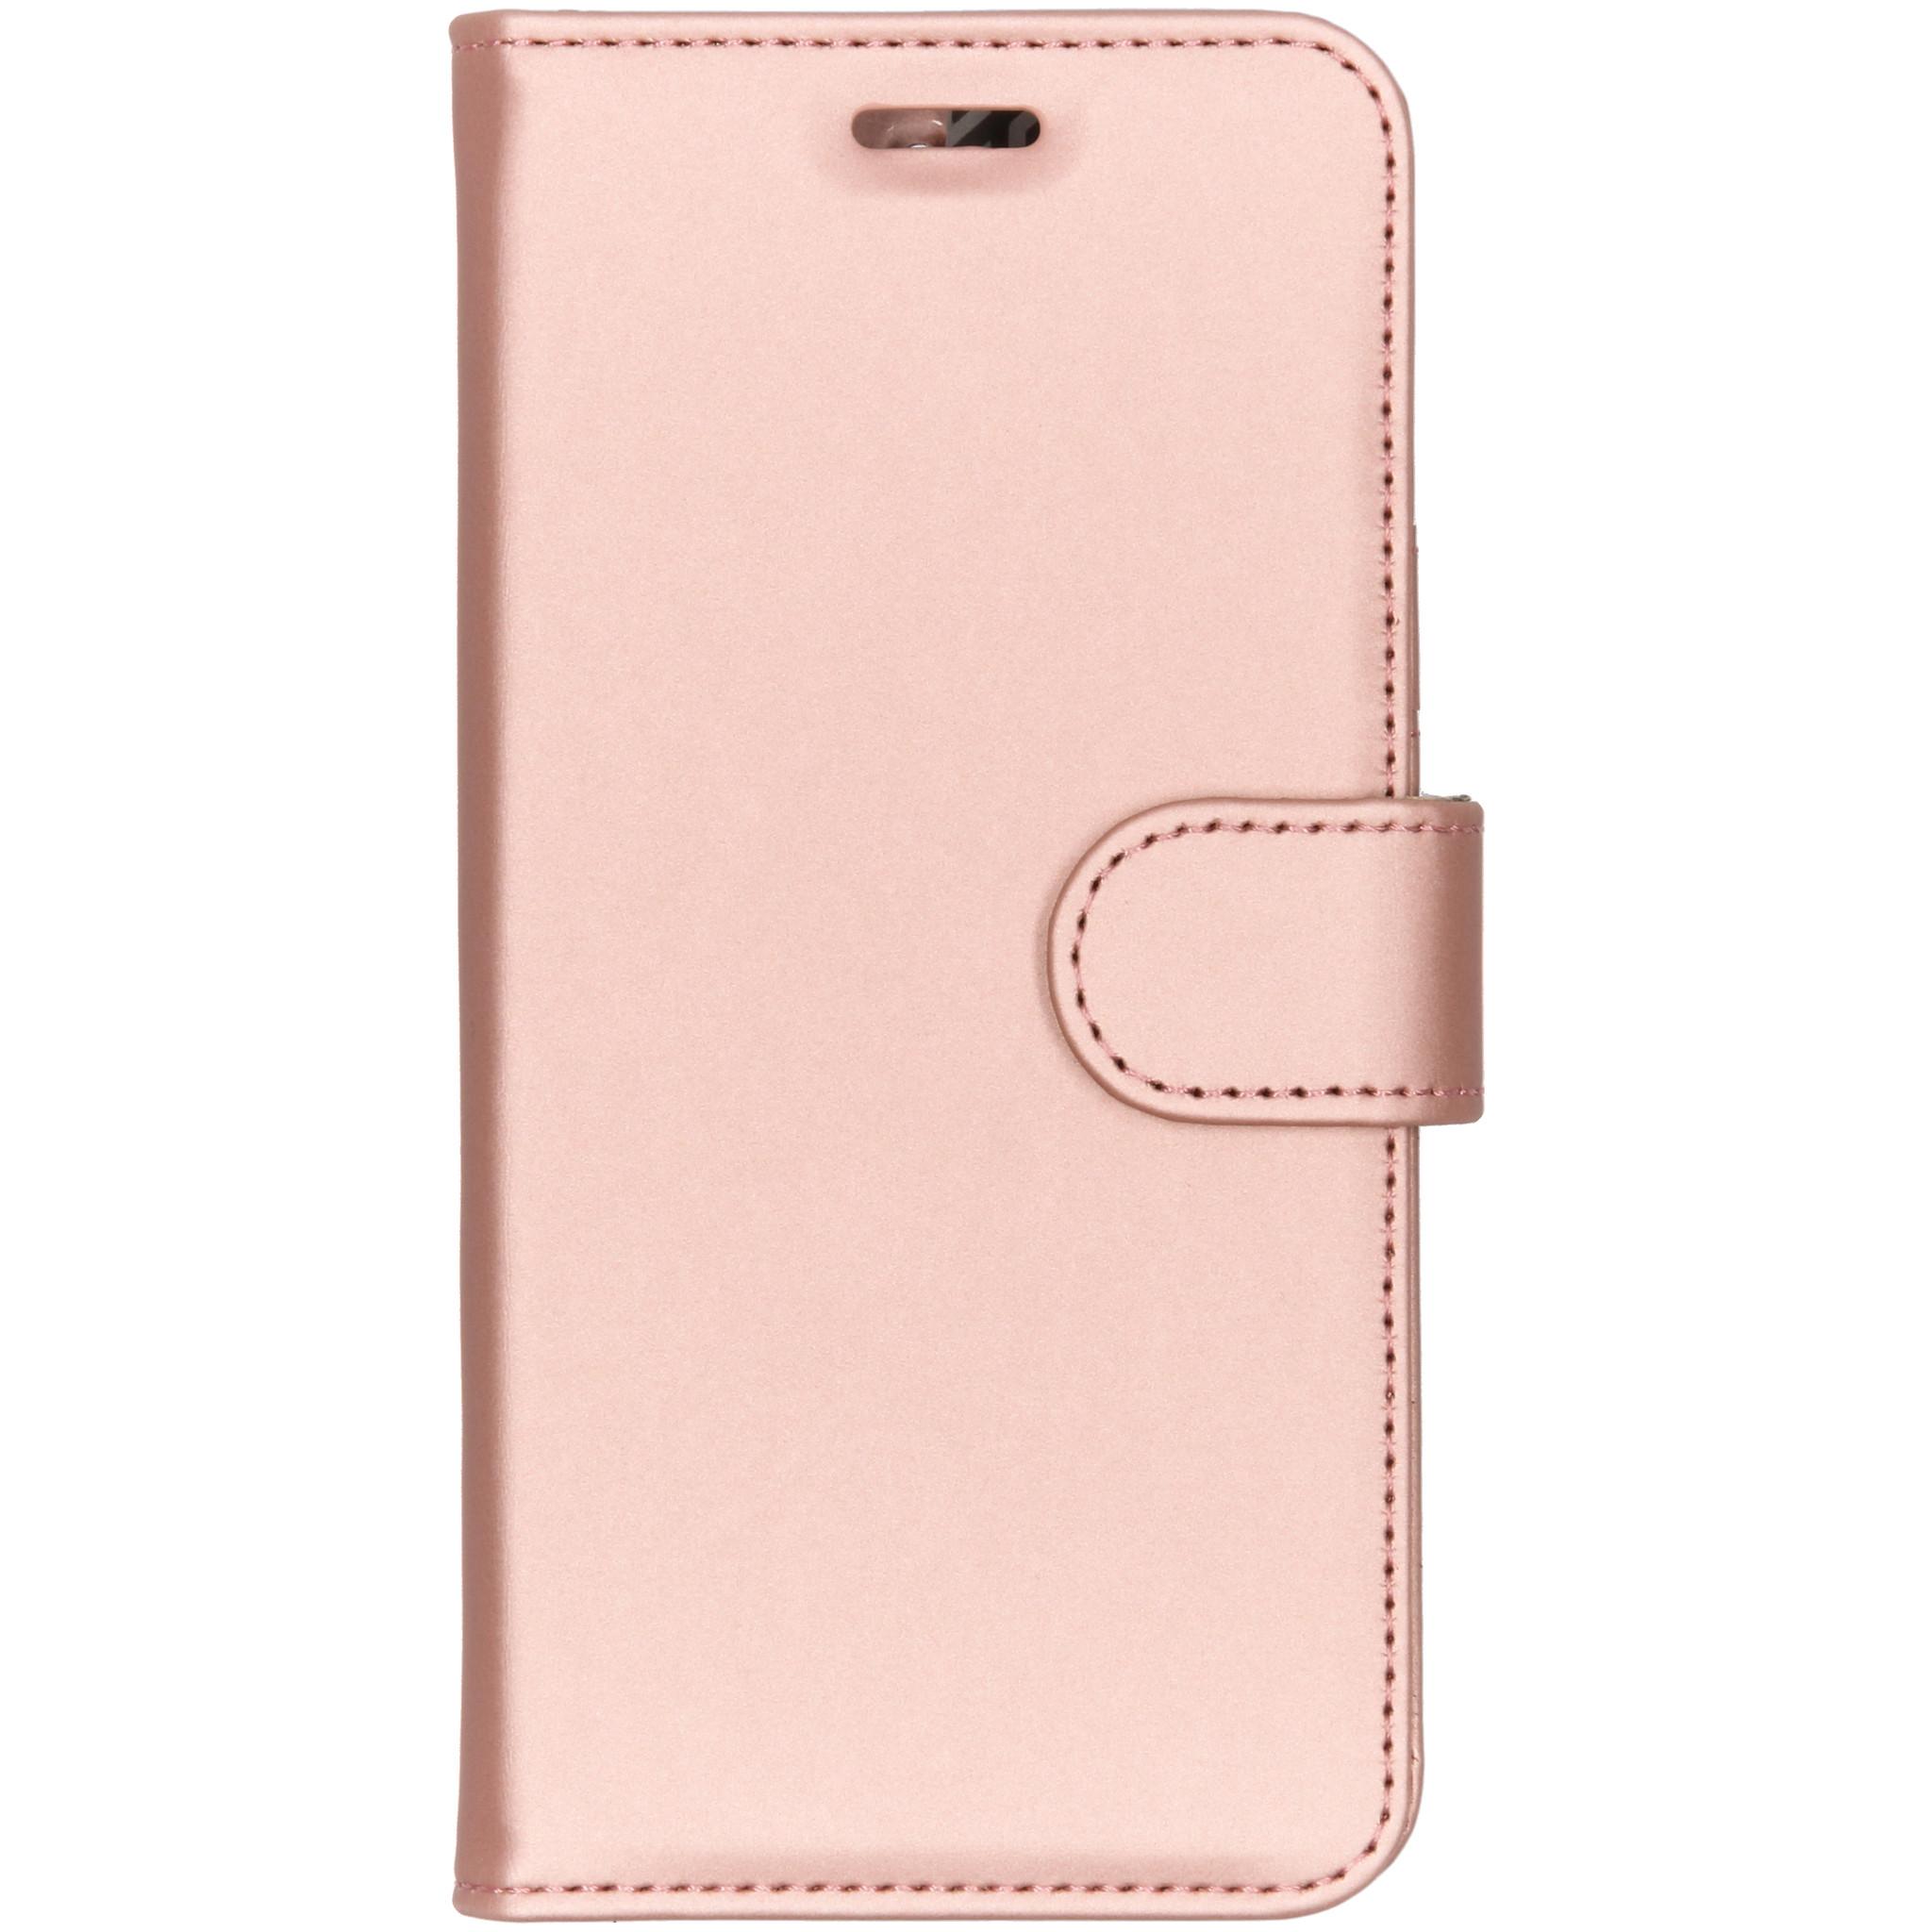 Accezz Roségoldfarbener Wallet TPU Booklet für das Nokia 6.1